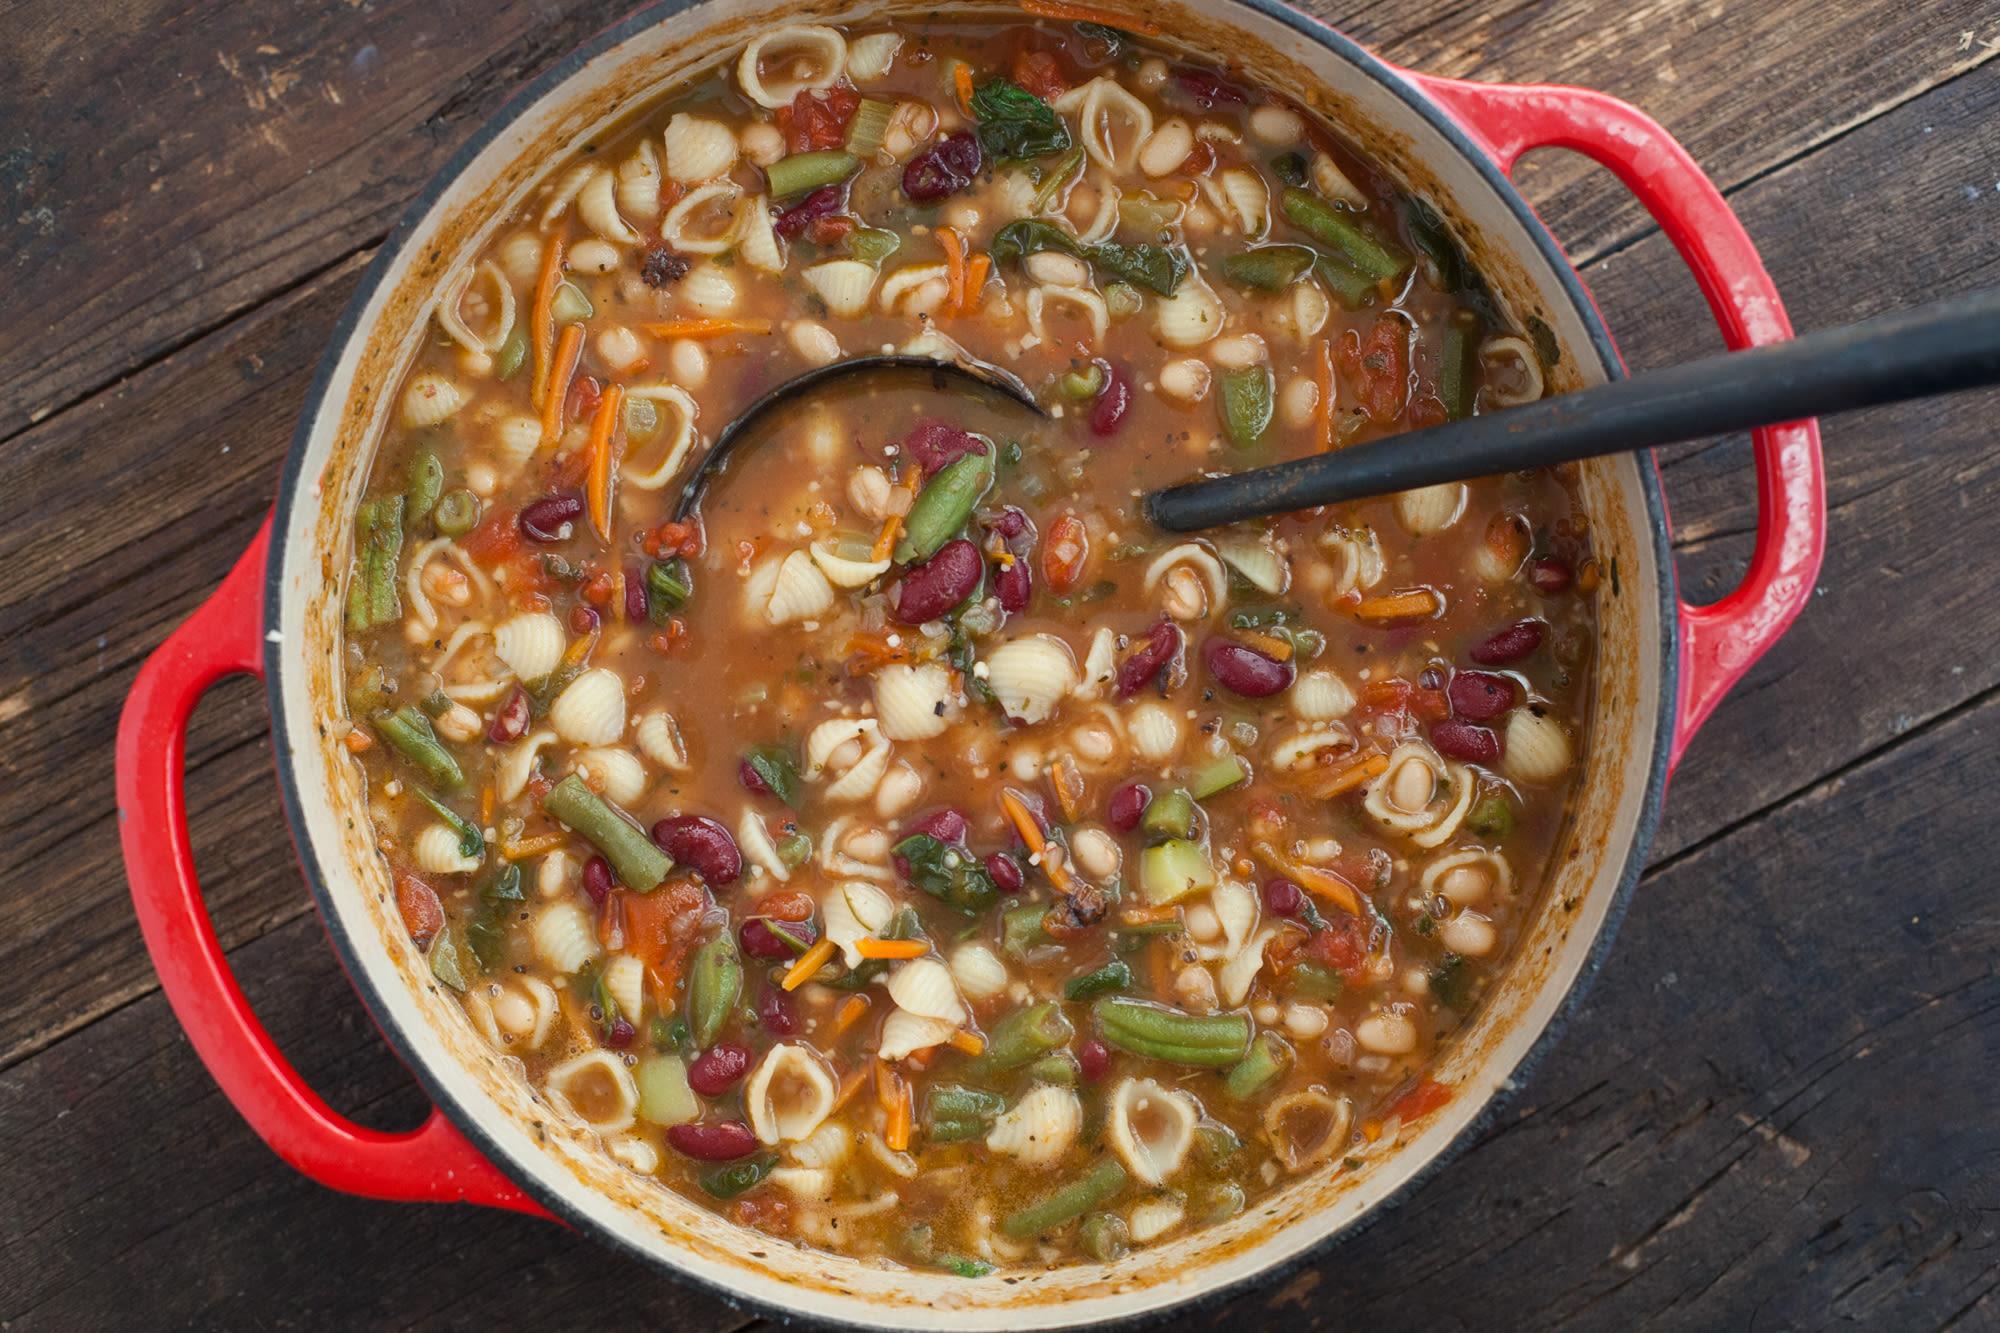 Copycat Olive Garden Minestrone Soup By Todd Wilbur Recipe - Genius ...